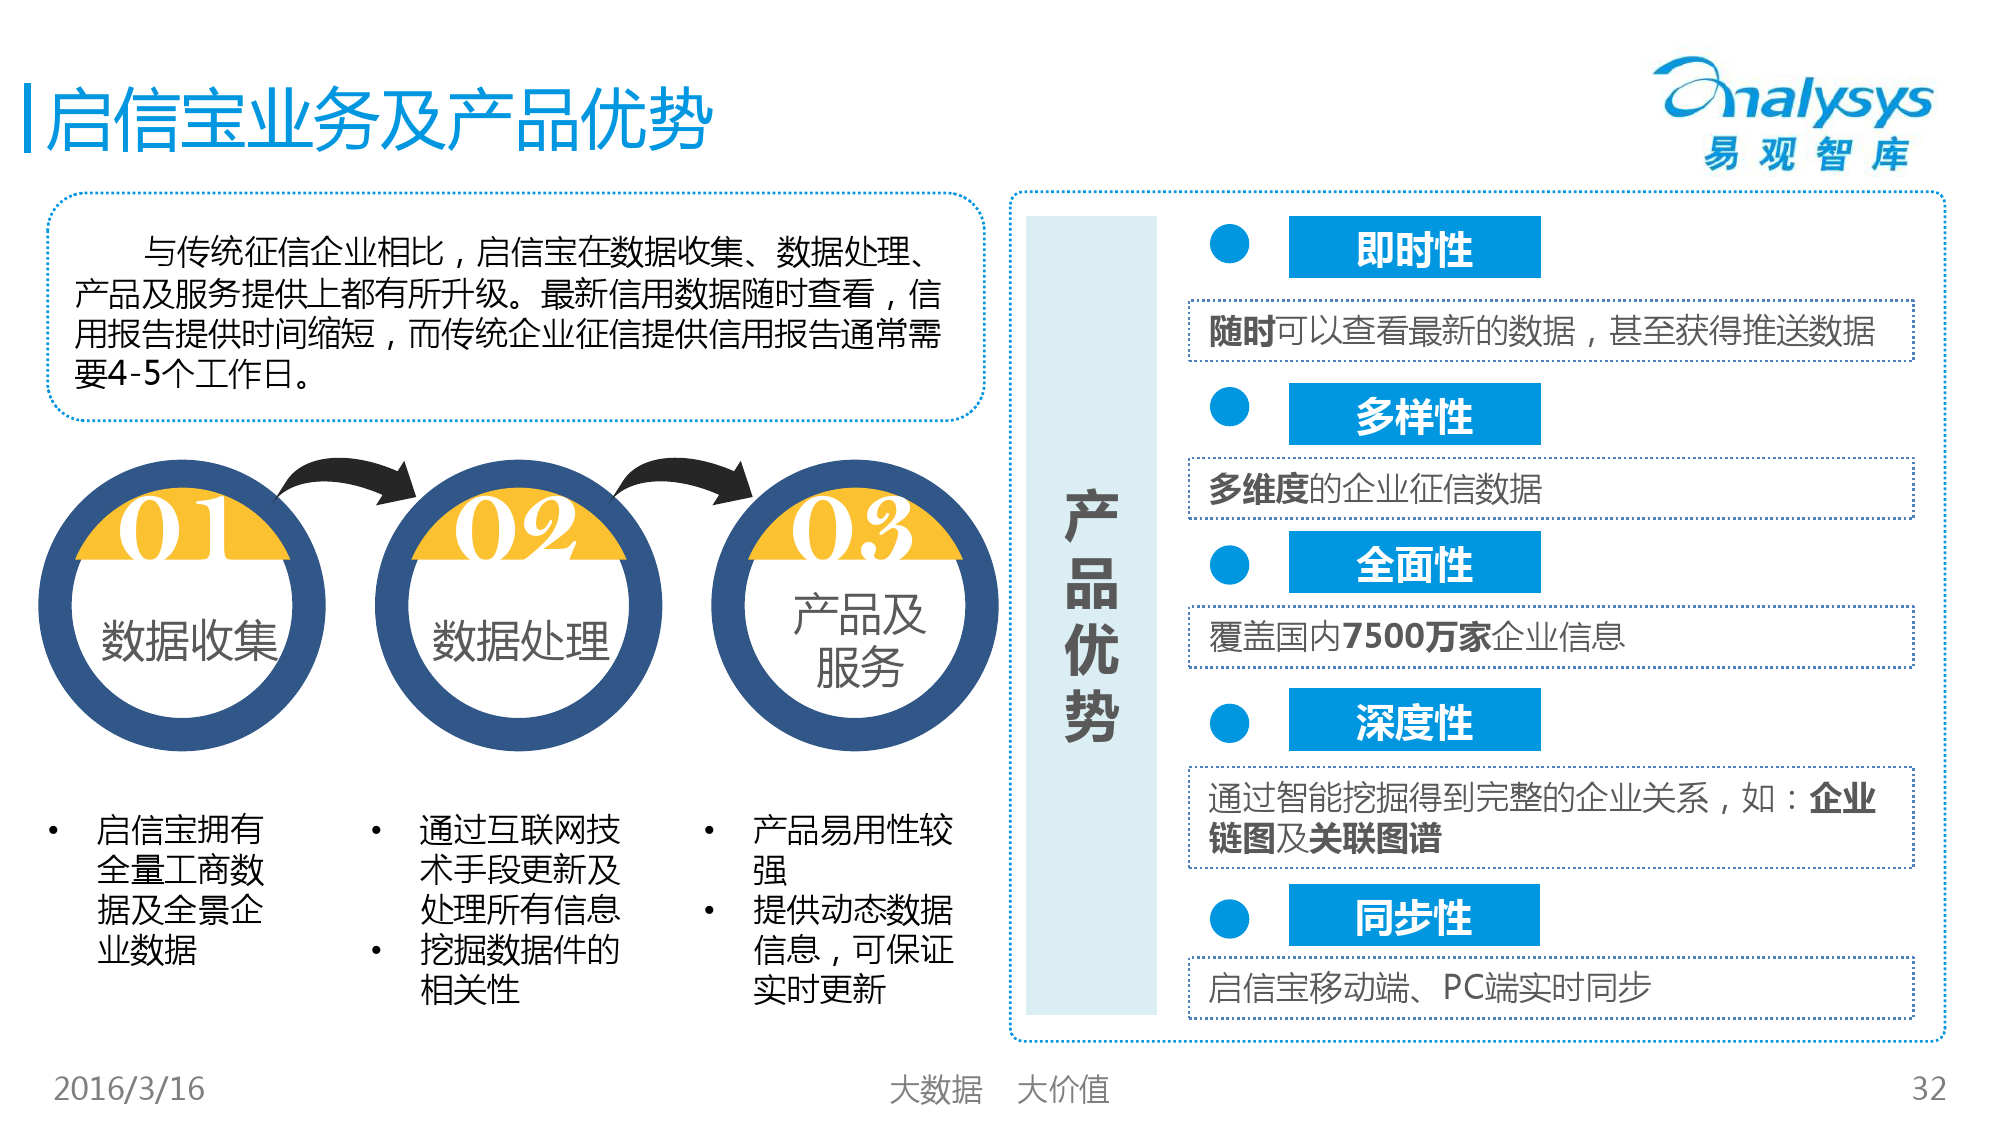 中国征信行业专题研究报告2016_000032